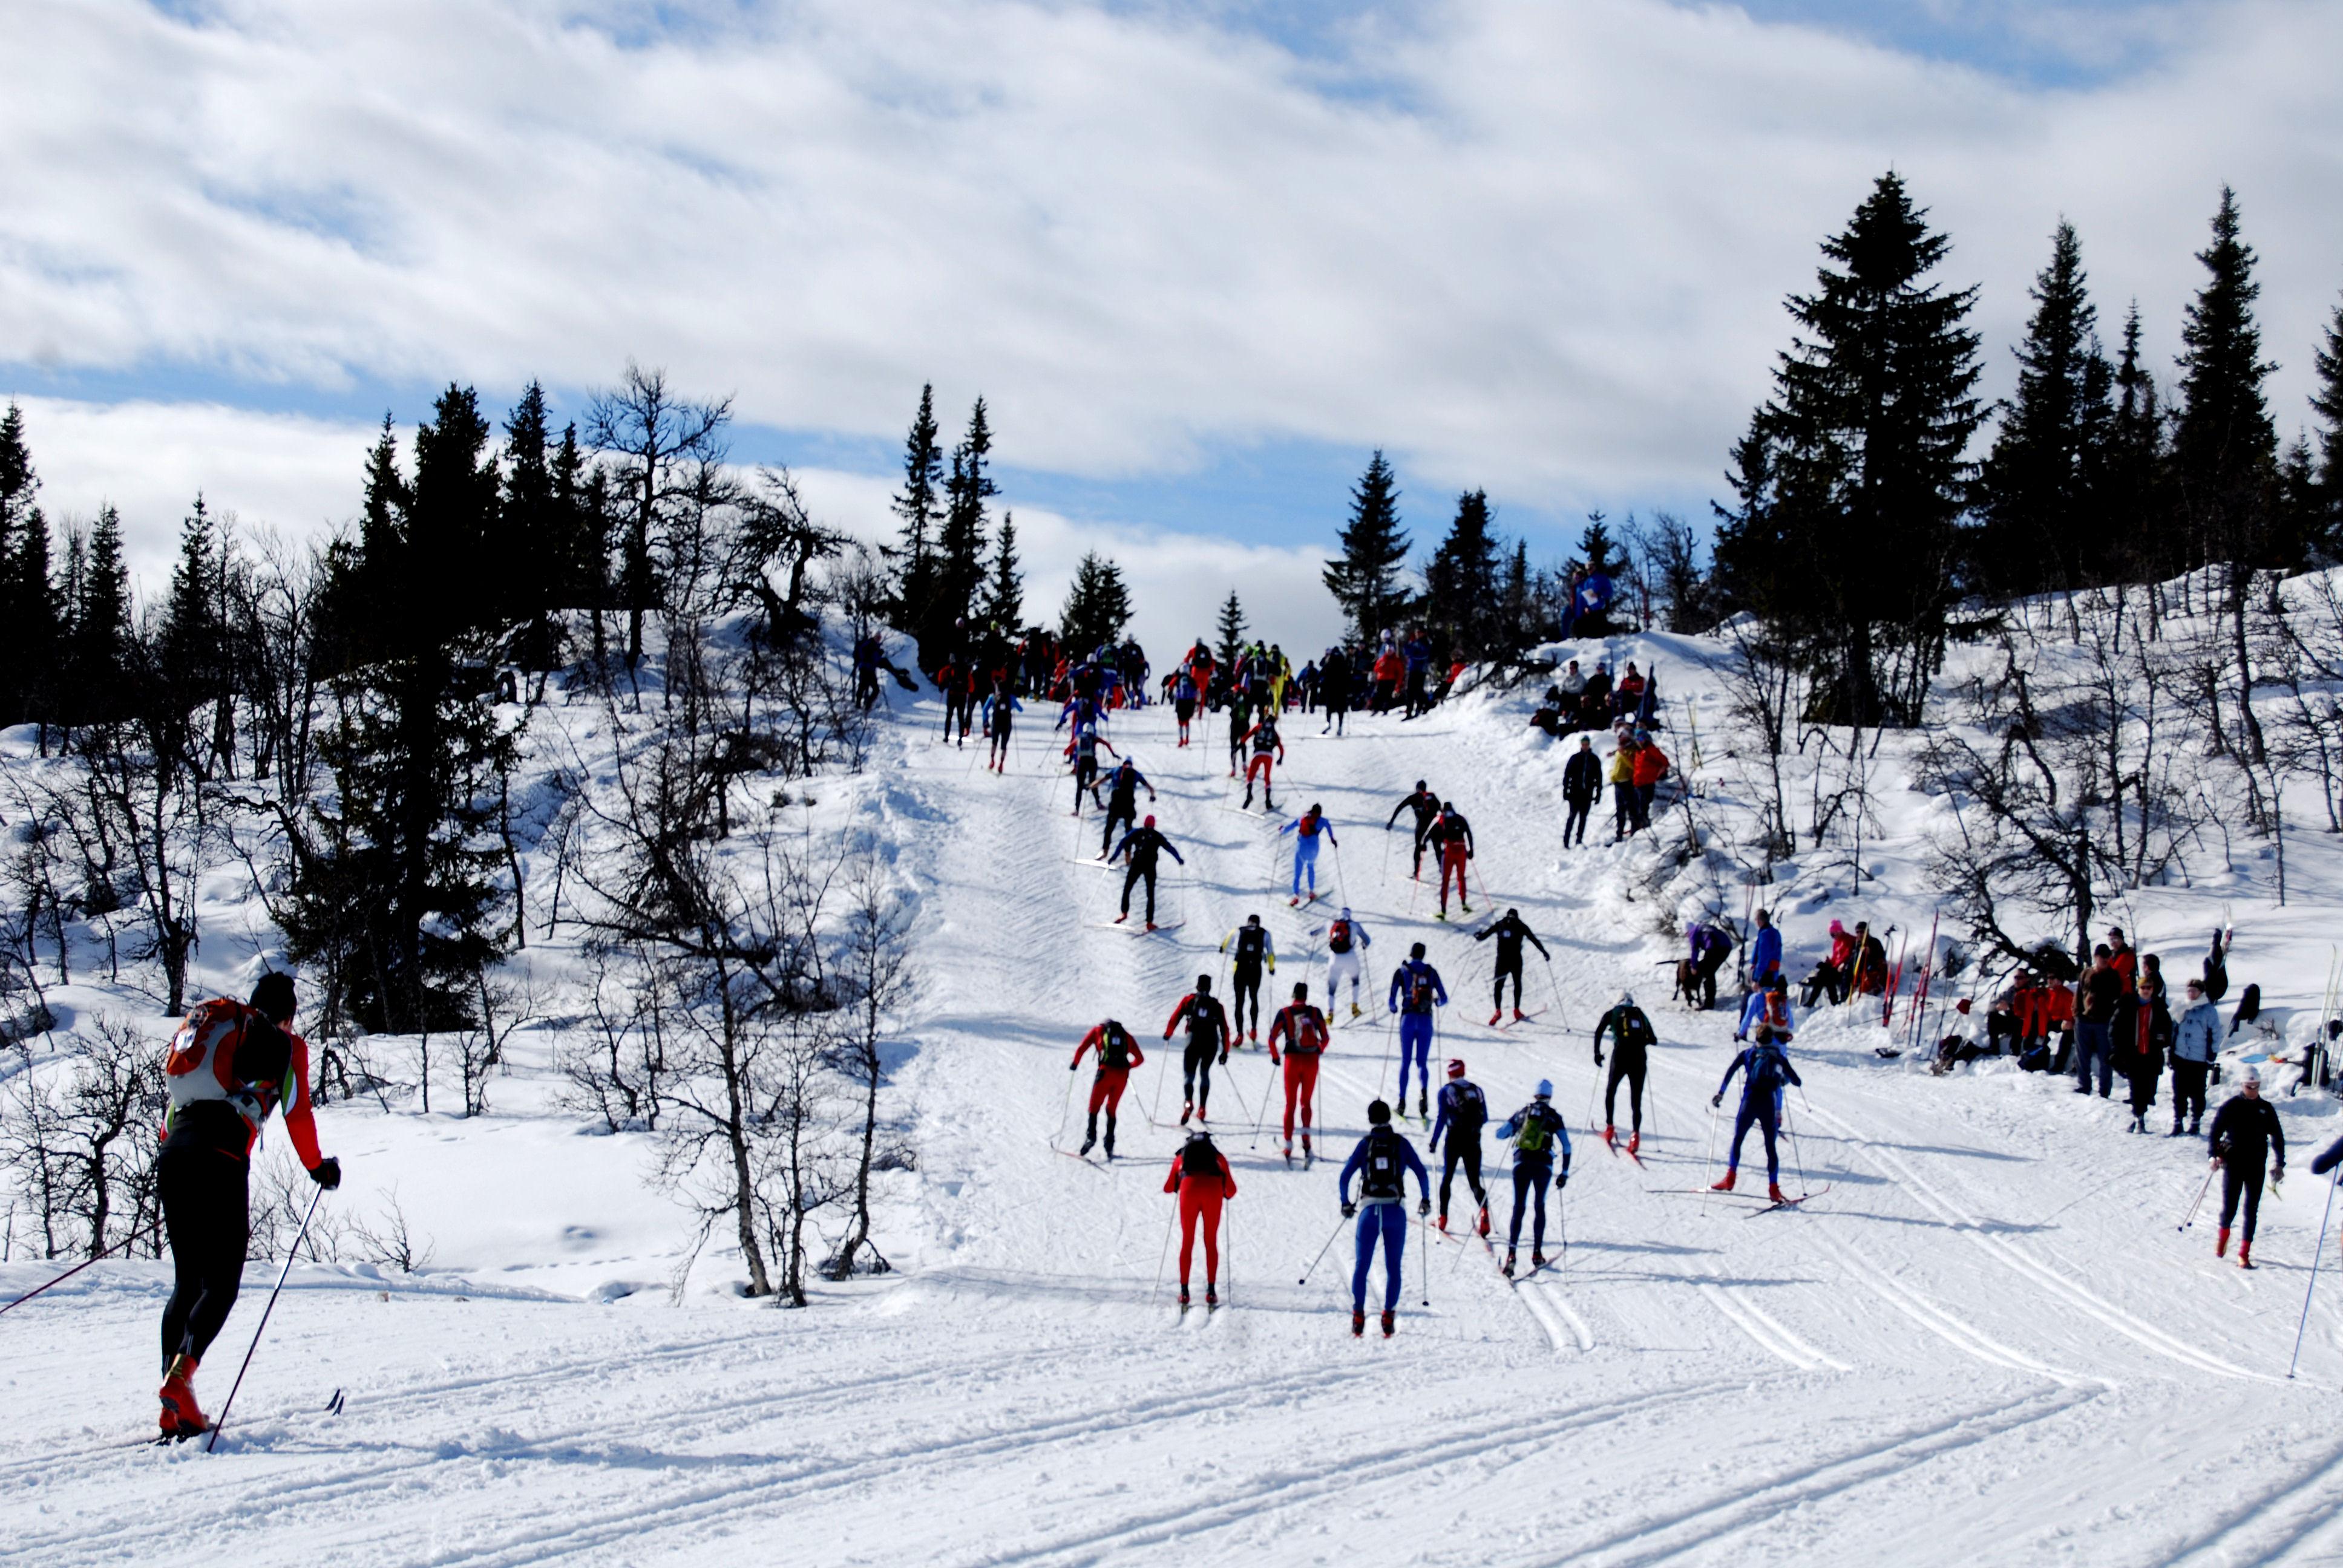 Rena, Åmot, Hedmark fylke, Norway